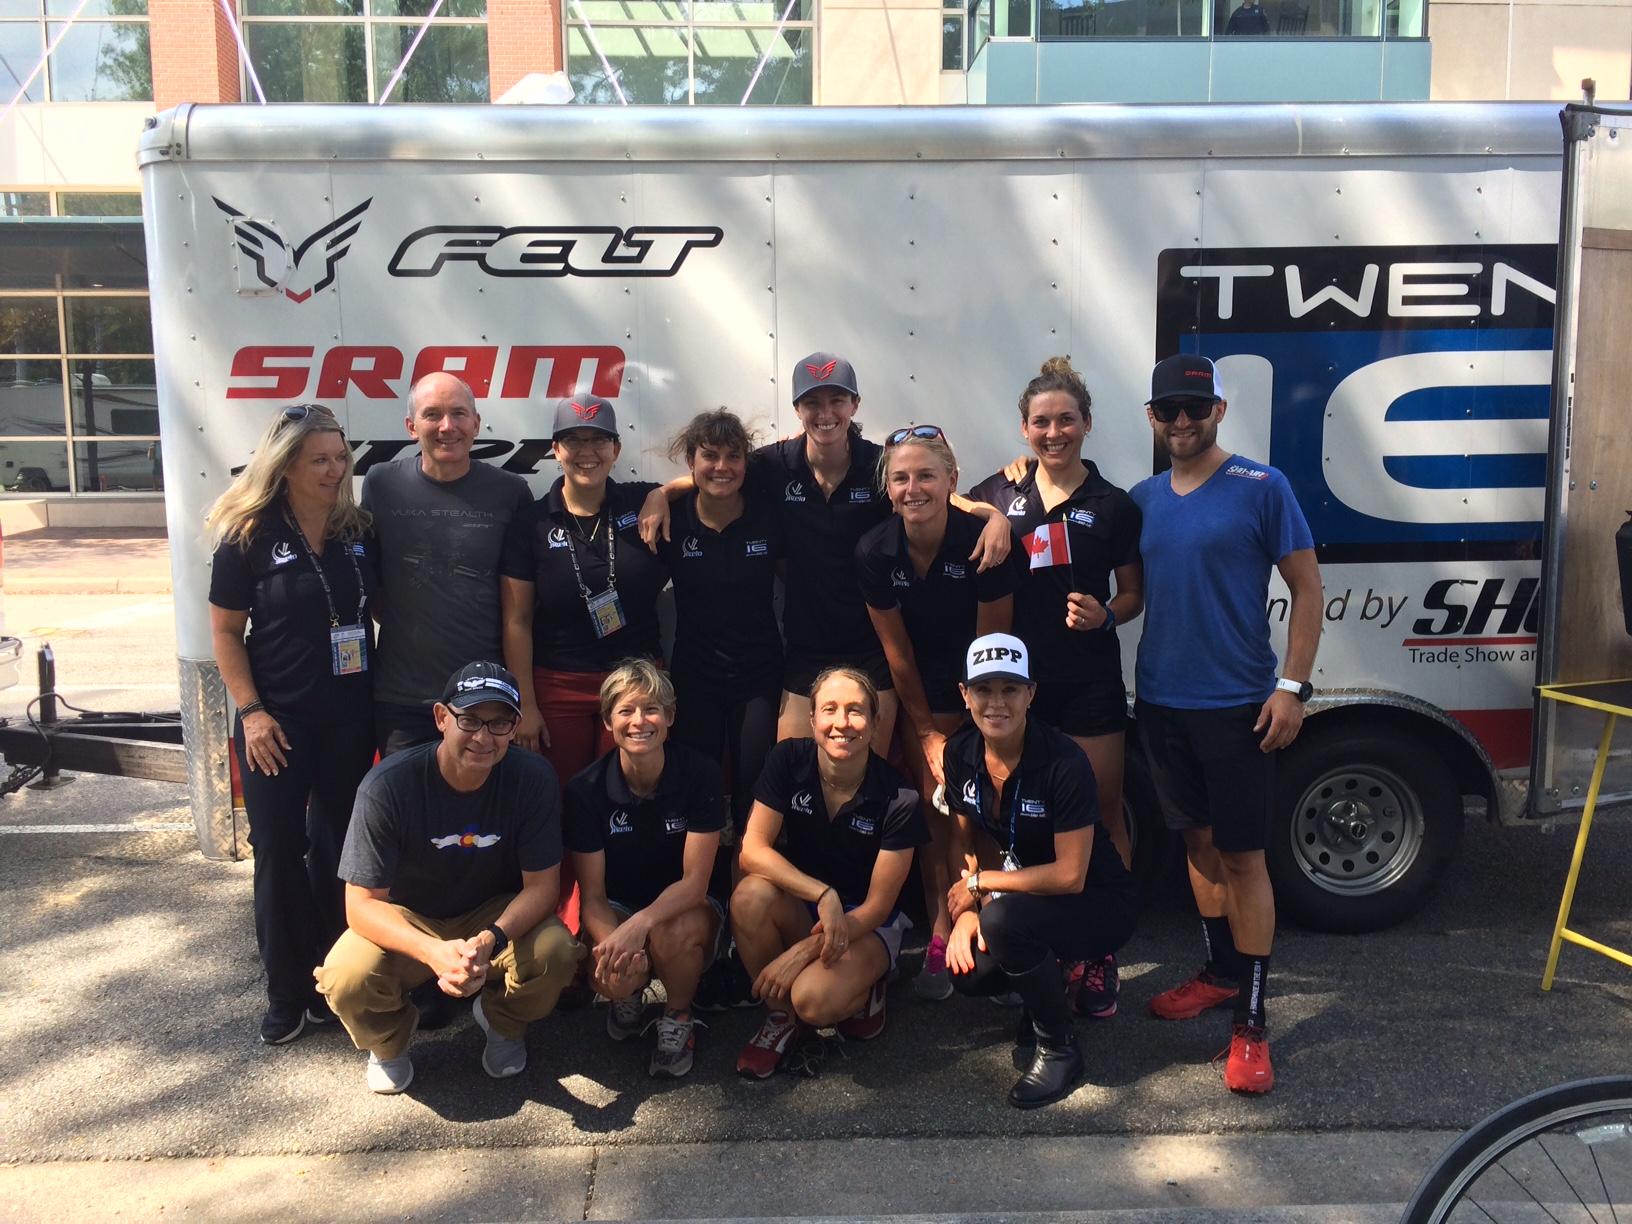 Team TWENTY16